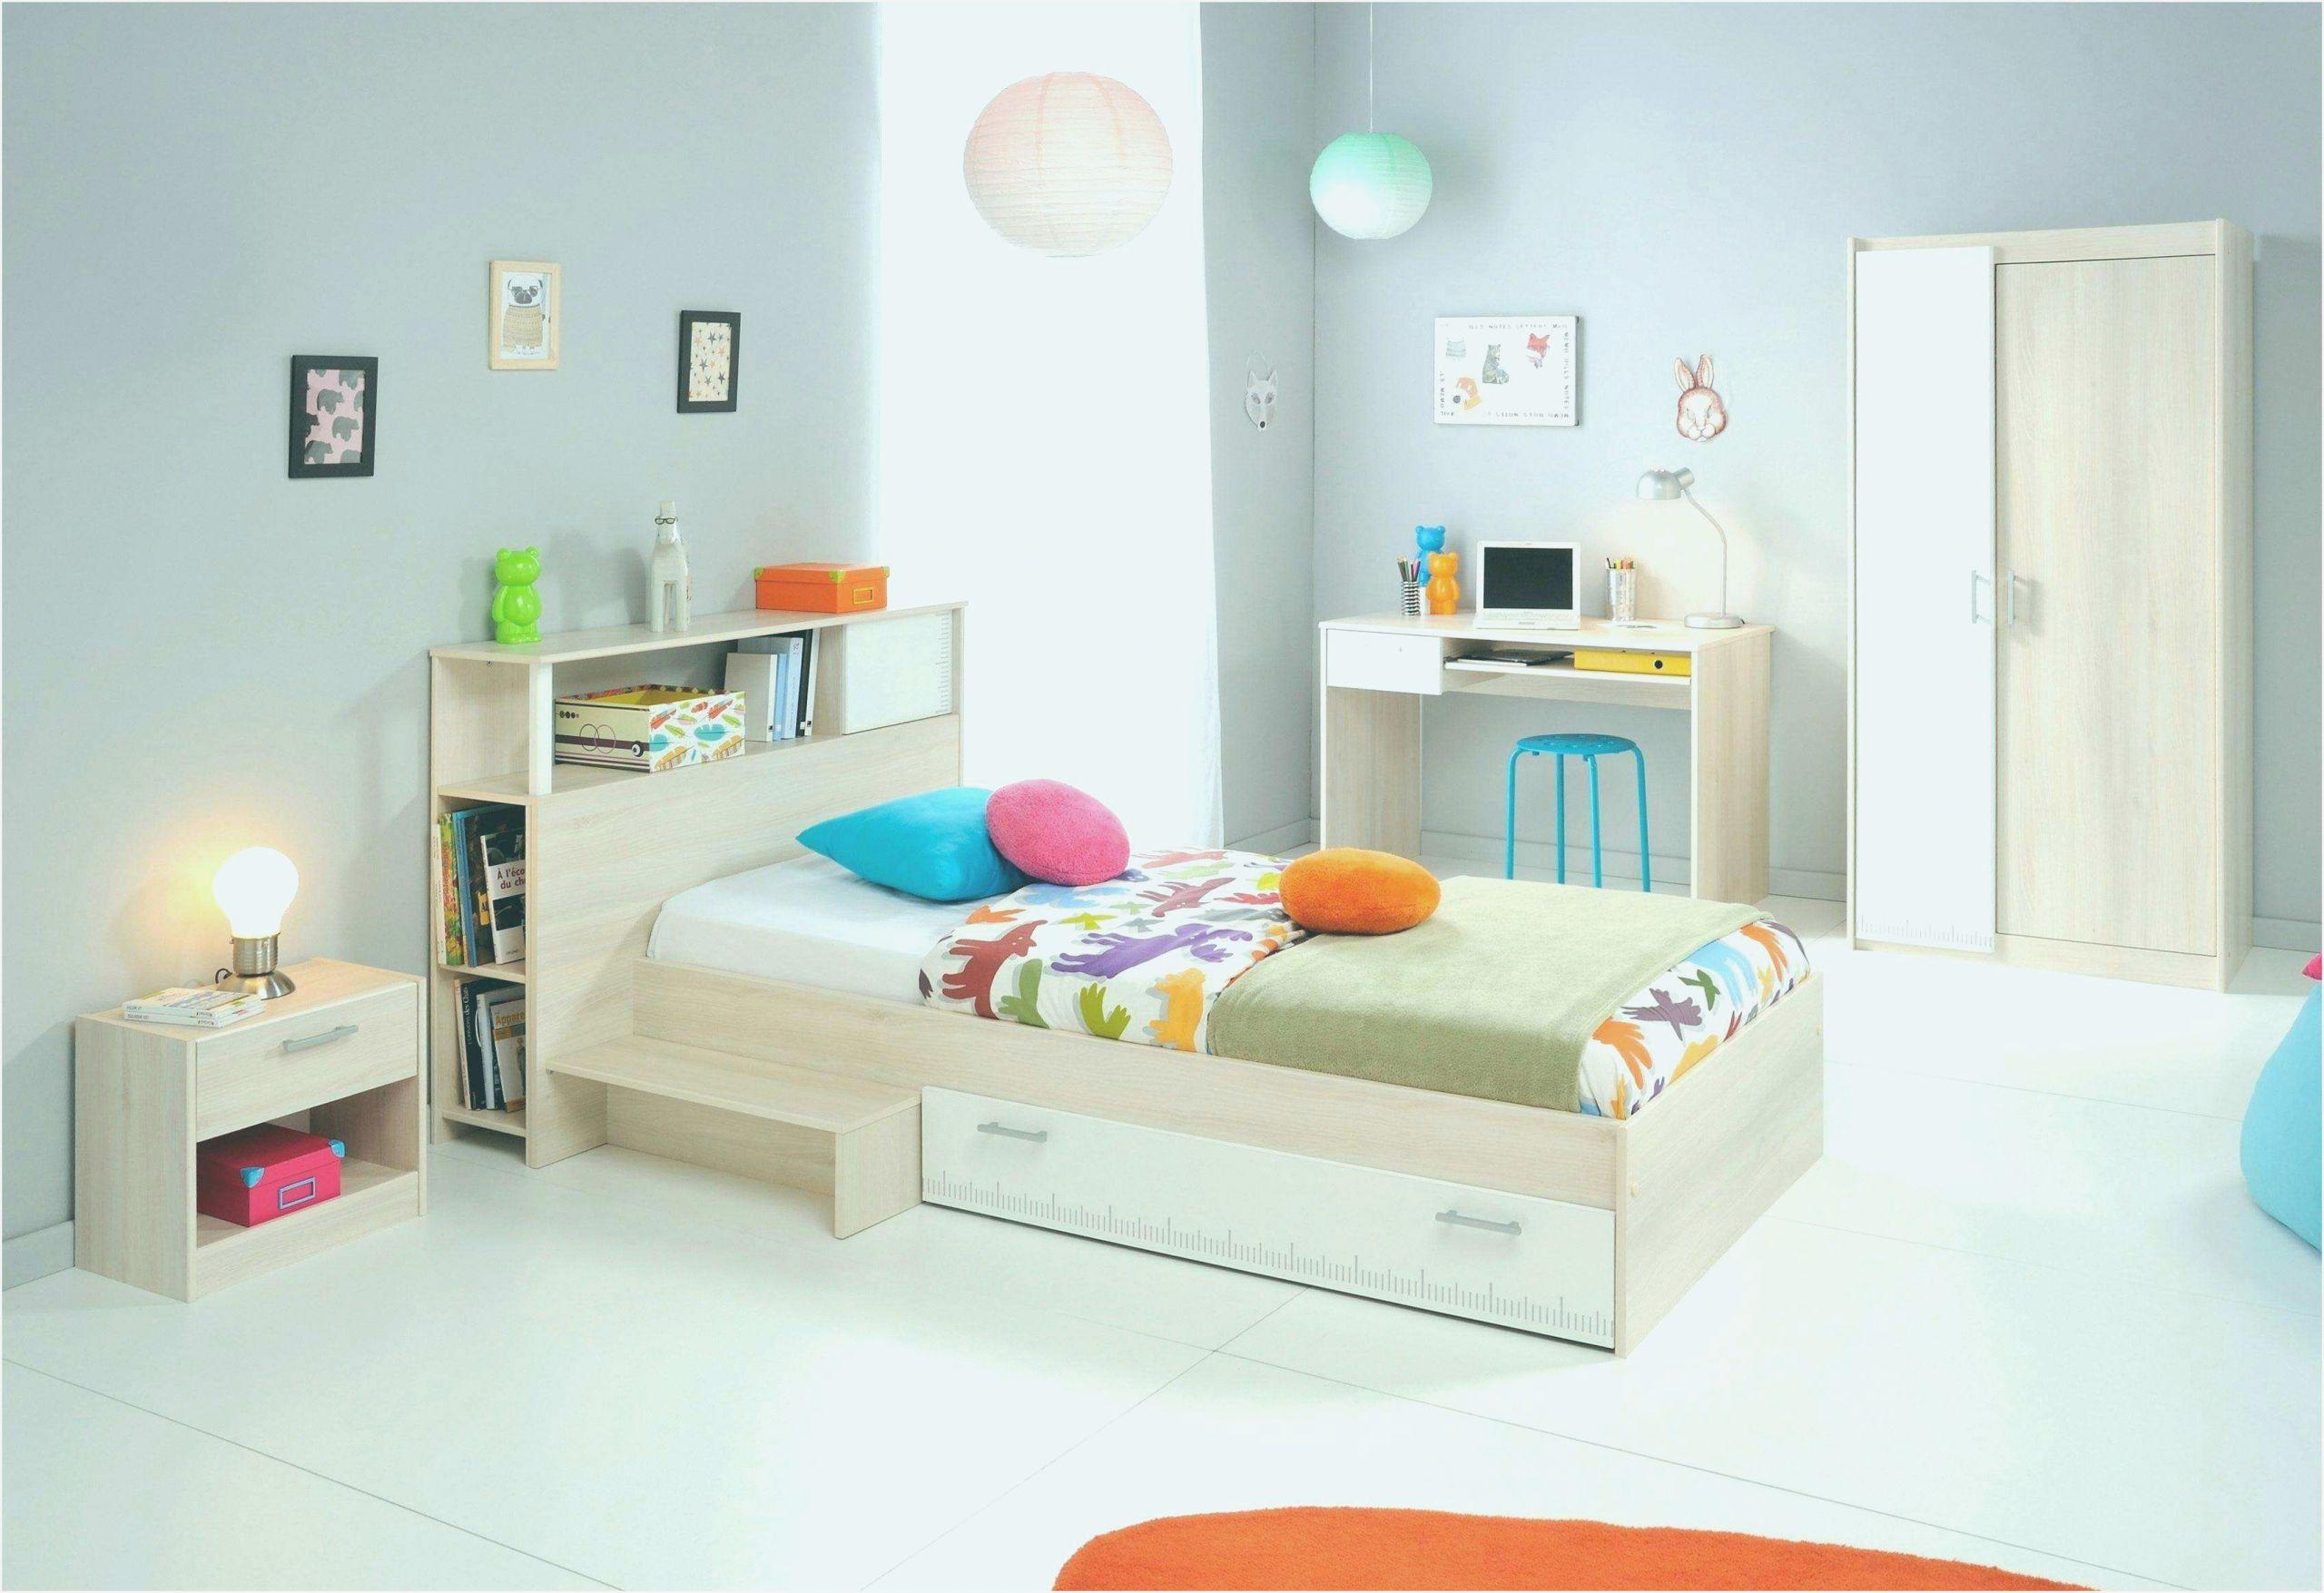 Full Size of Tapeten Kinderzimmer Schlafzimmer Regale Für Küche Regal Die Sofa Fototapeten Wohnzimmer Weiß Ideen Kinderzimmer Tapeten Kinderzimmer